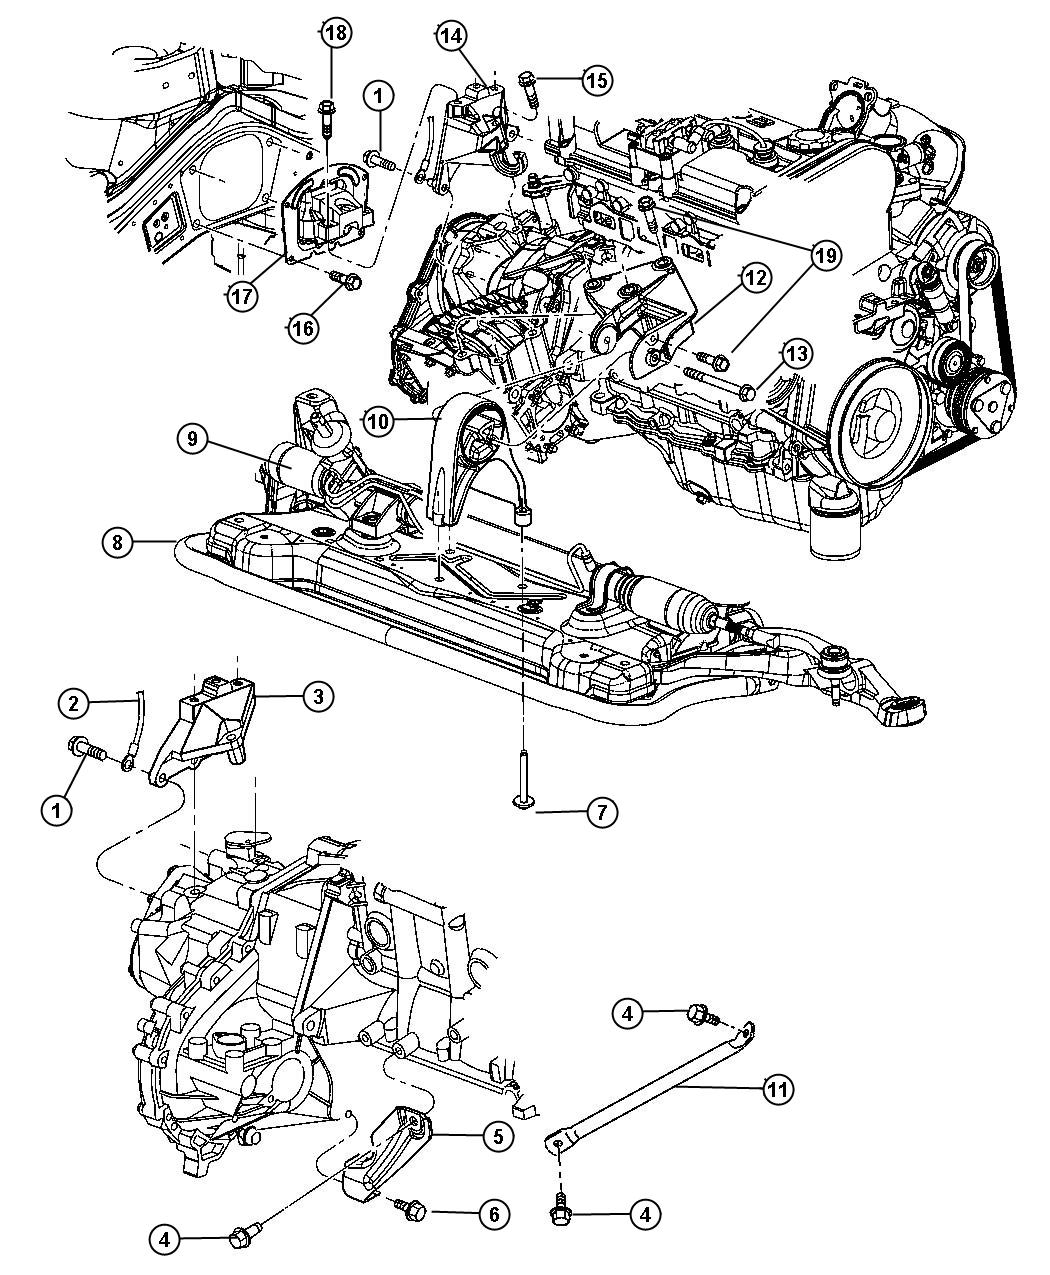 Chrysler Sebring Bracket. Torque reaction. Rear